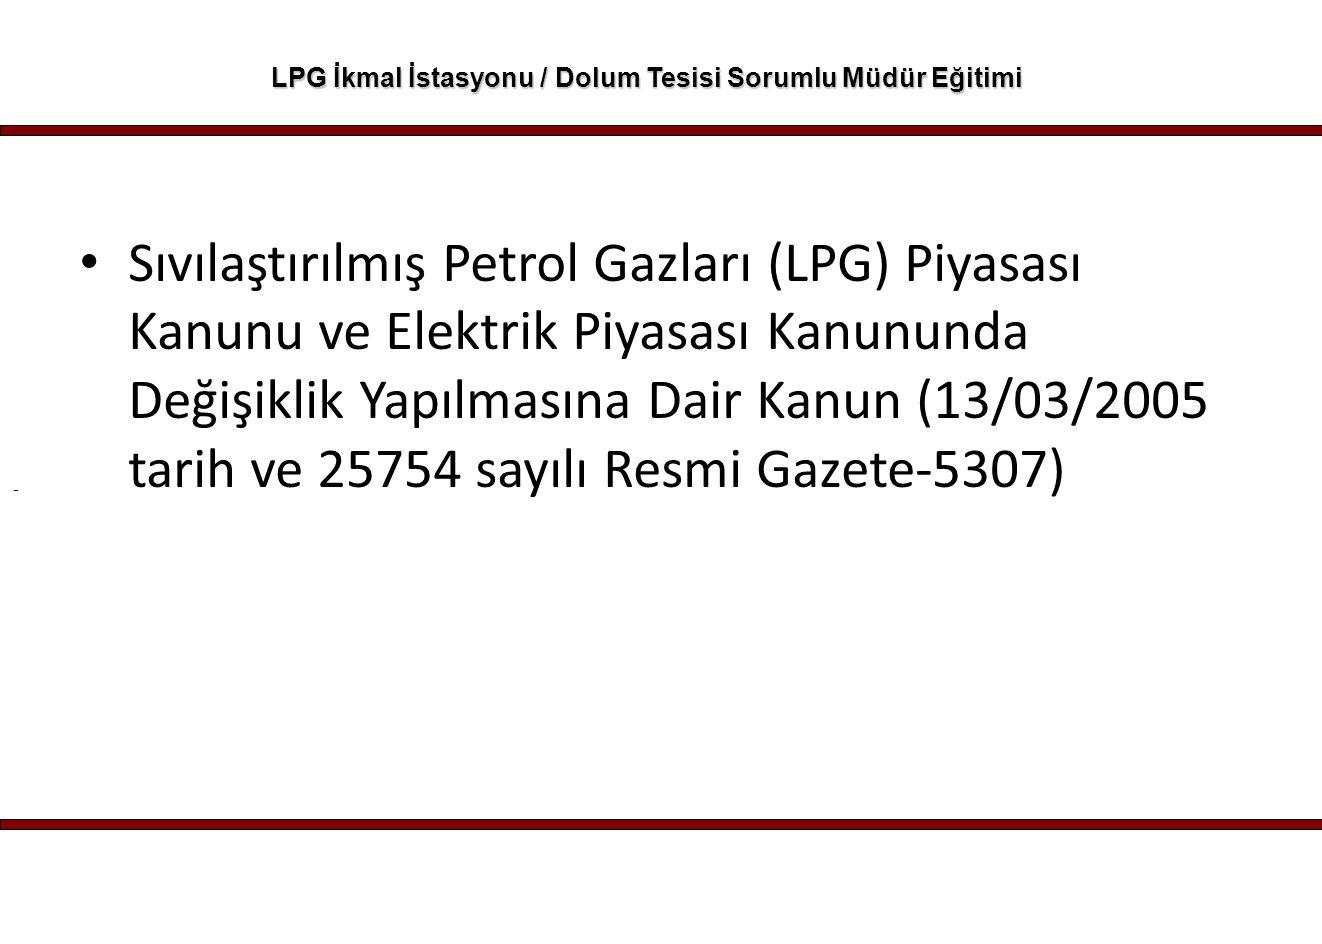 - LPG İkmal İstasyonu / Dolum Tesisi Sorumlu Müdür Eğitimi Sıvılaştırılmış Petrol Gazları (LPG) Piyasası Lisans Yönetmeliği (Resmi Gazete 16 Eylül 2005 CUMA - Sayı : 25938) Sıvılaştırılmış Petrol Gazları (LPG) Piyasası Eğitim Yönetmeliği (25 Mart 2006 - Sayı : 26119) Sıvılaştırılmış Petrol Gazları (LPG) Piyasası Sorumlu Müdür Yönetmeliği (7 Ocak 2006 tarihli ve 26046 sayılı Resmi Gazete)